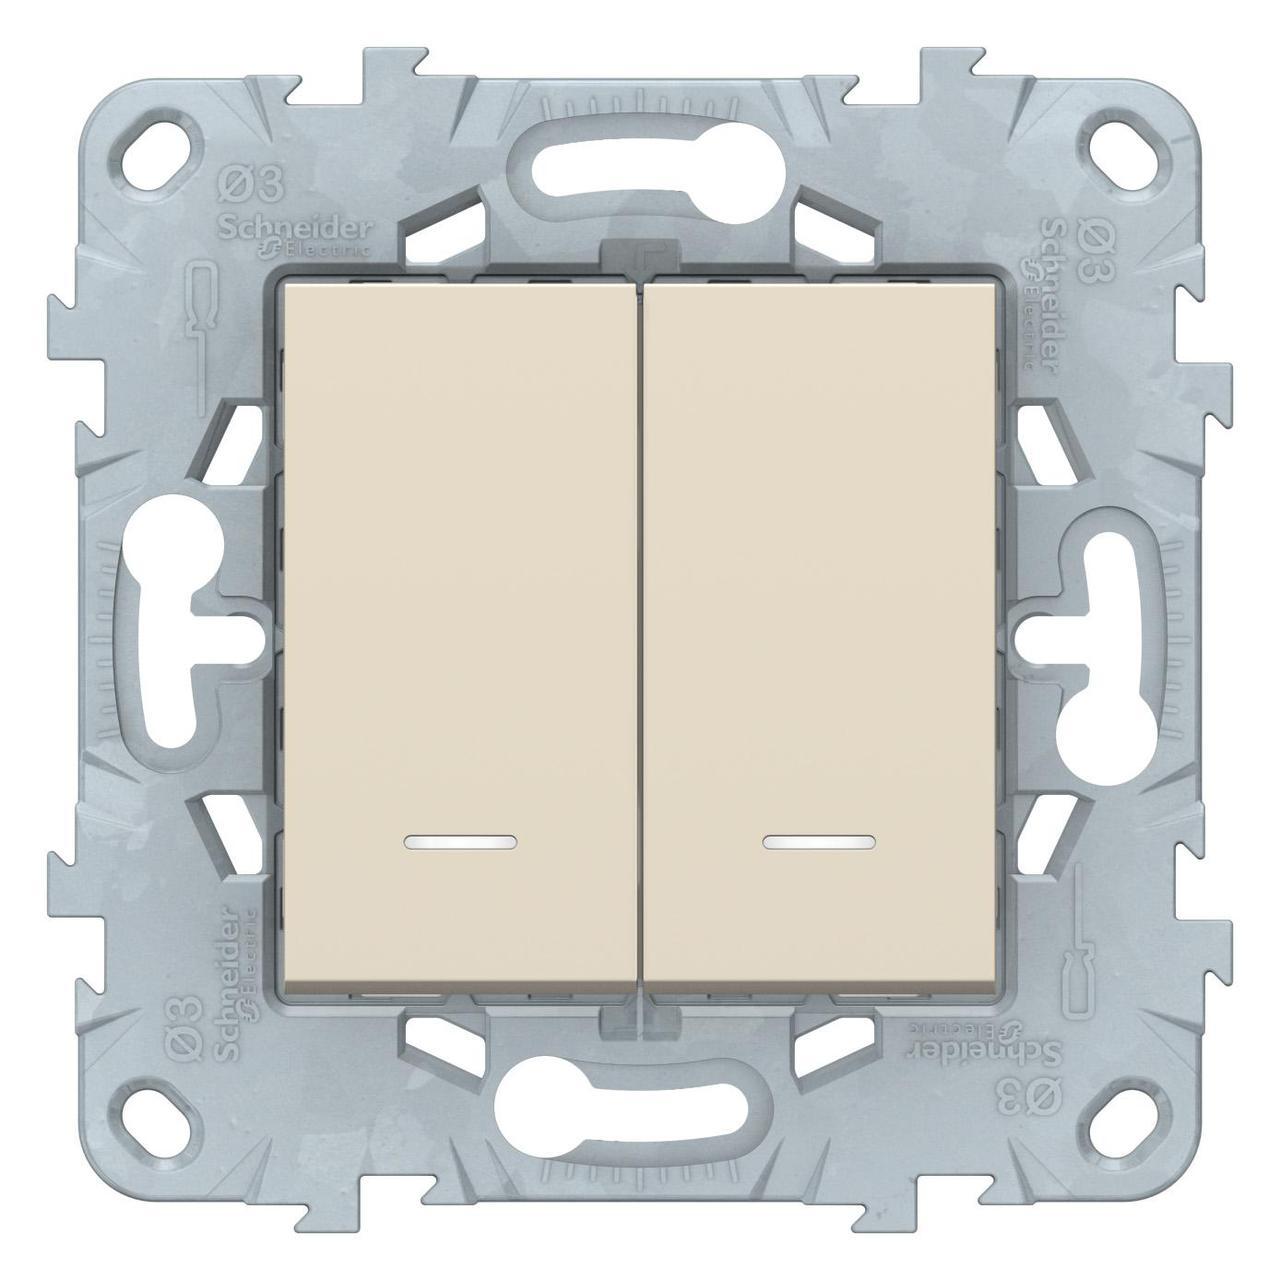 Выключатель 2-клавишный , с подсветкой , Бежевый, серия Unica New, Schneider Electric